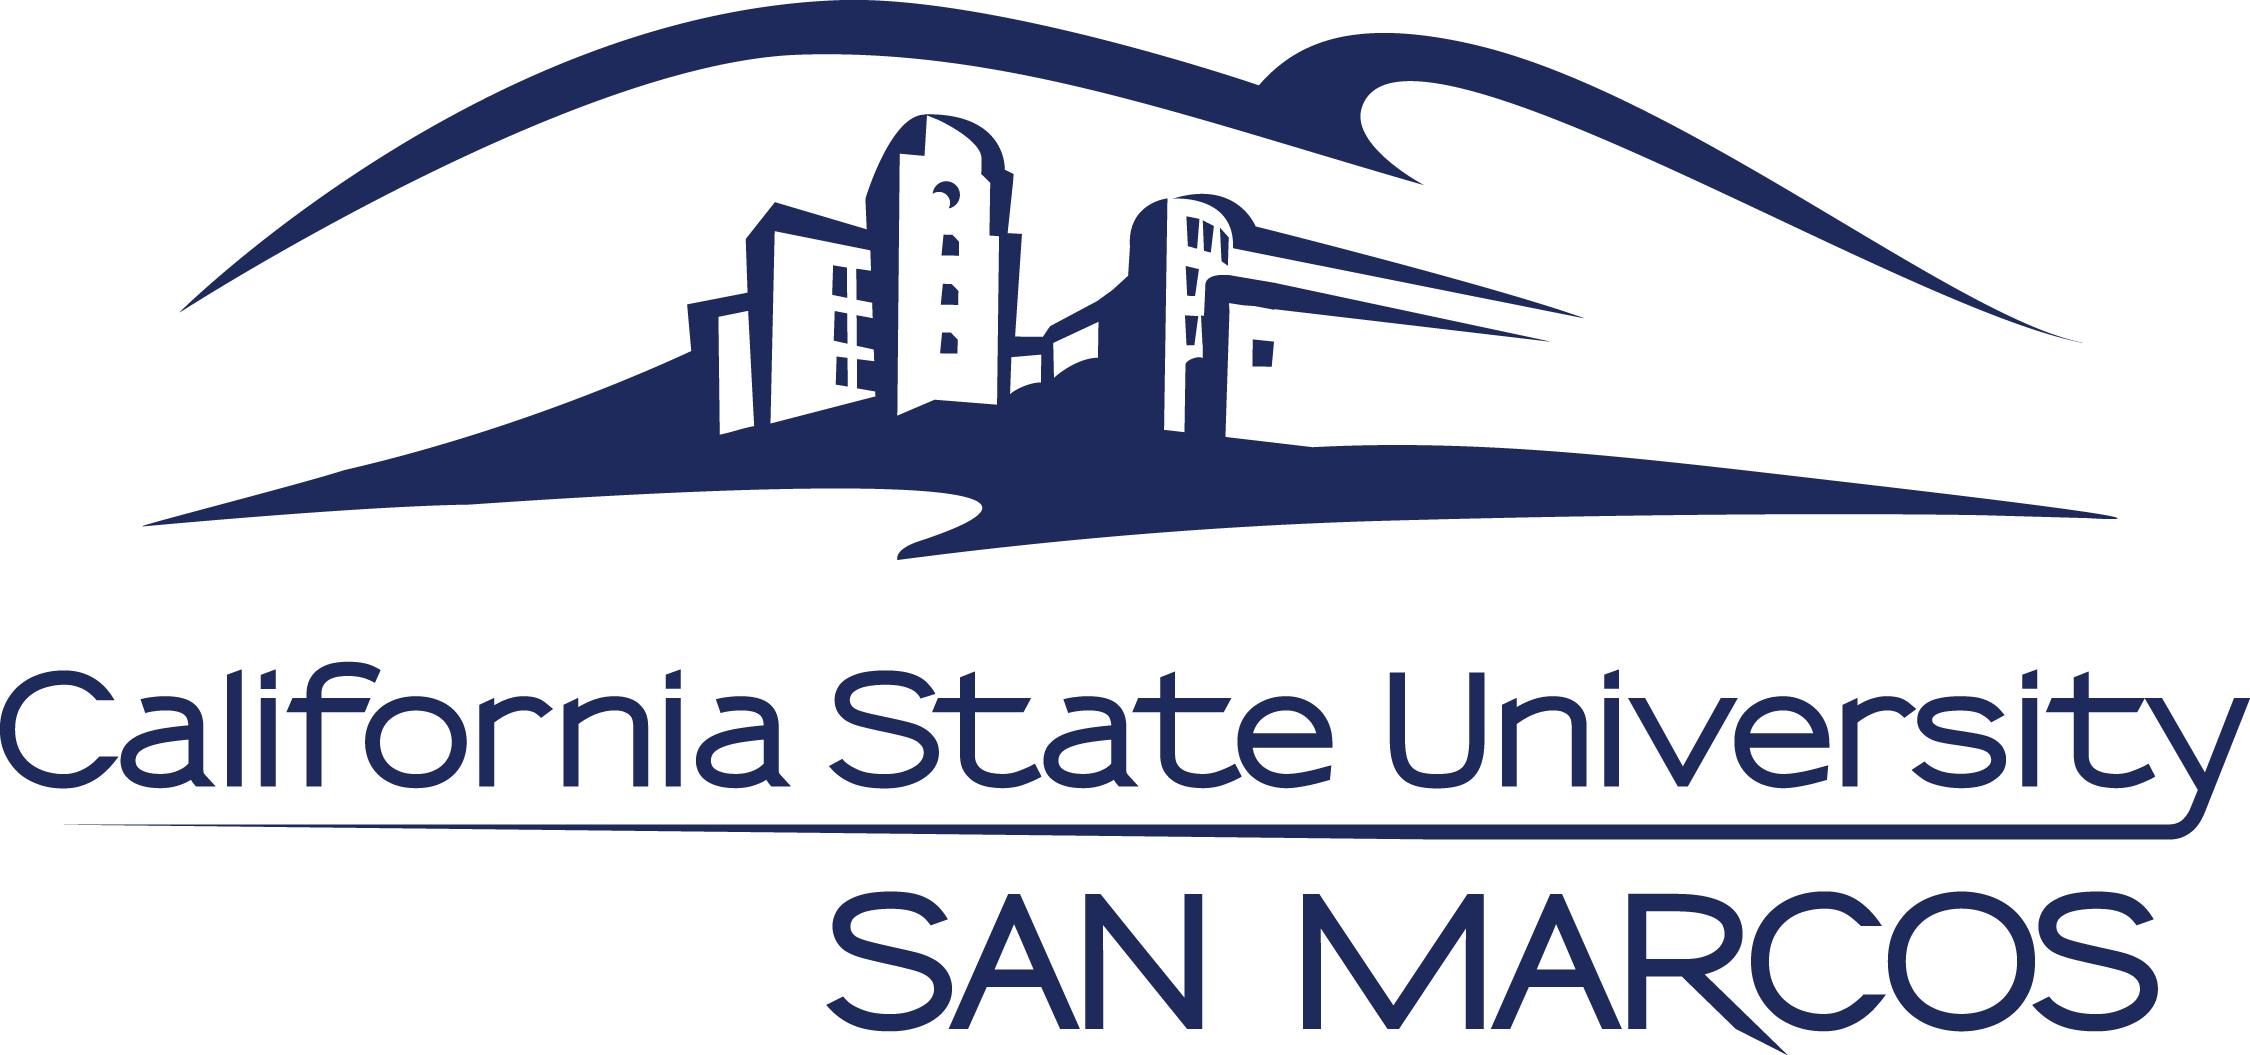 CSUSM Image